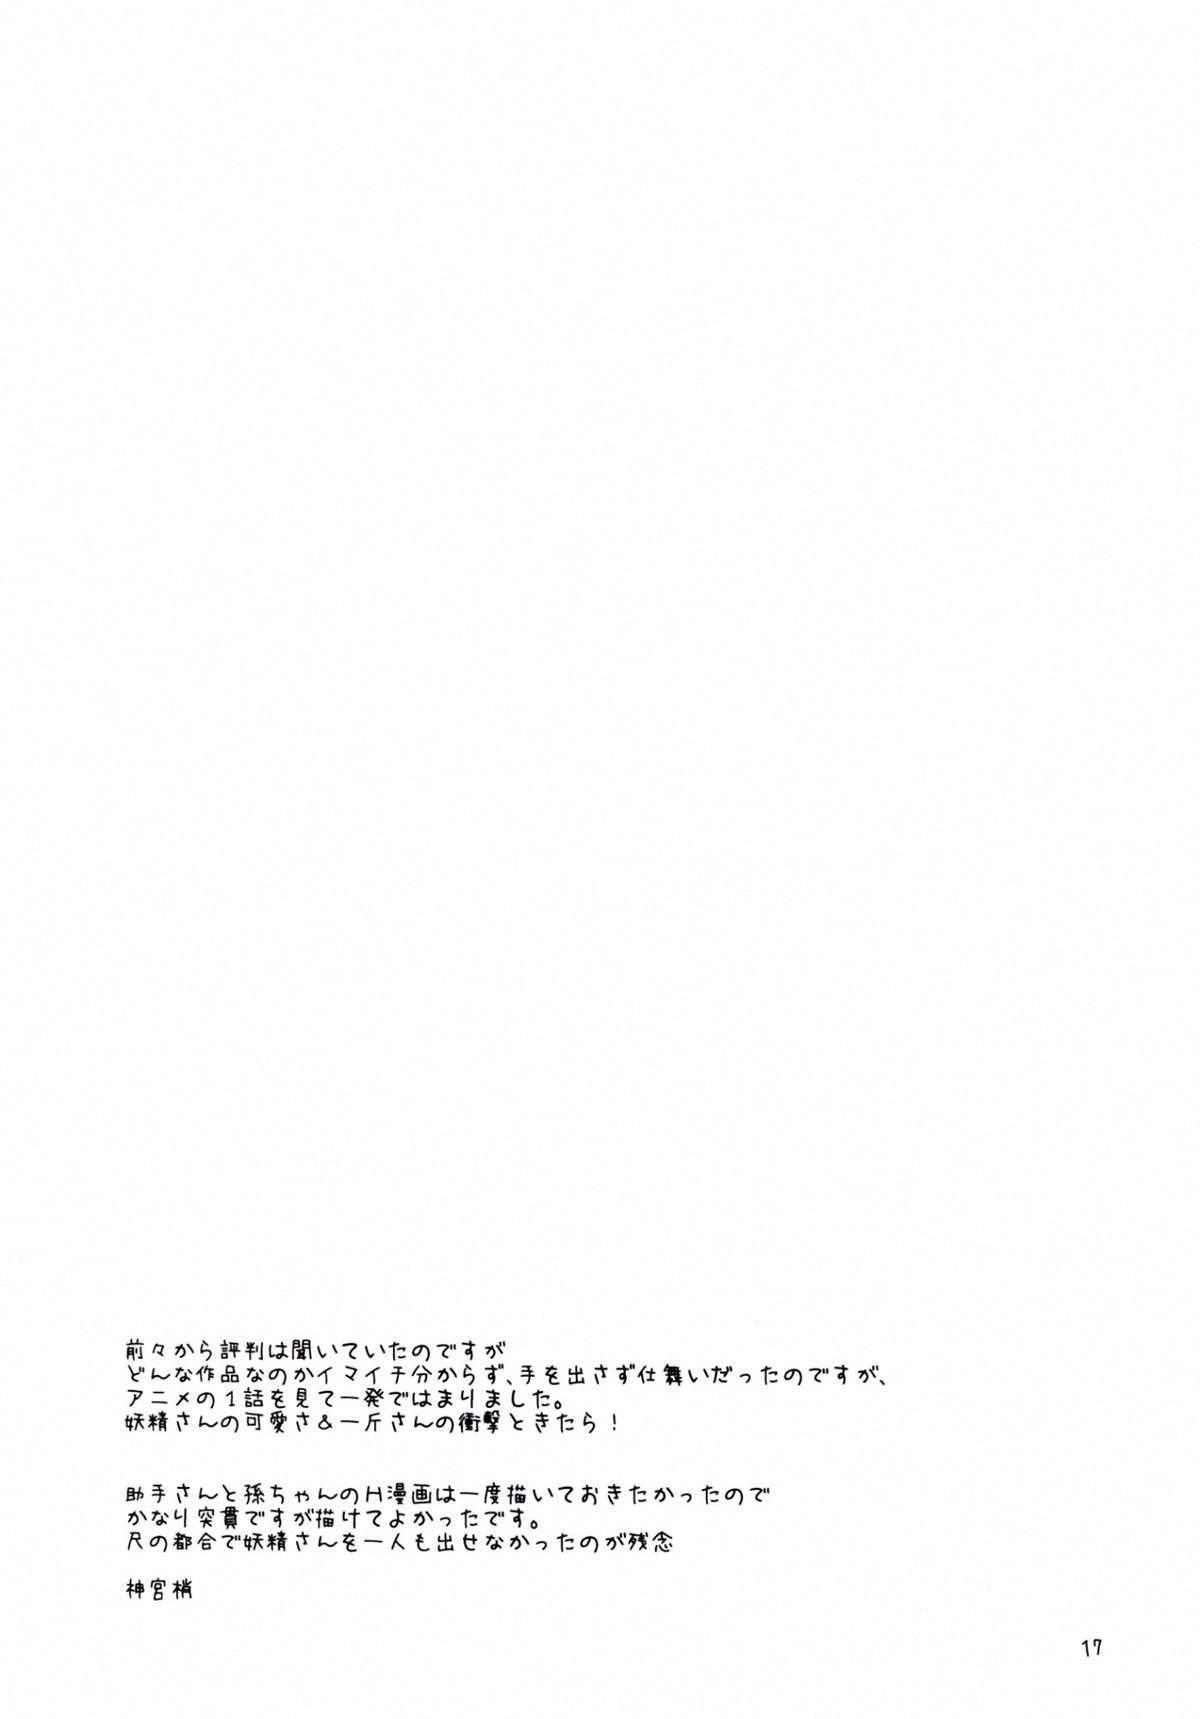 Ningen-san no, Seishoku Katsudou 16